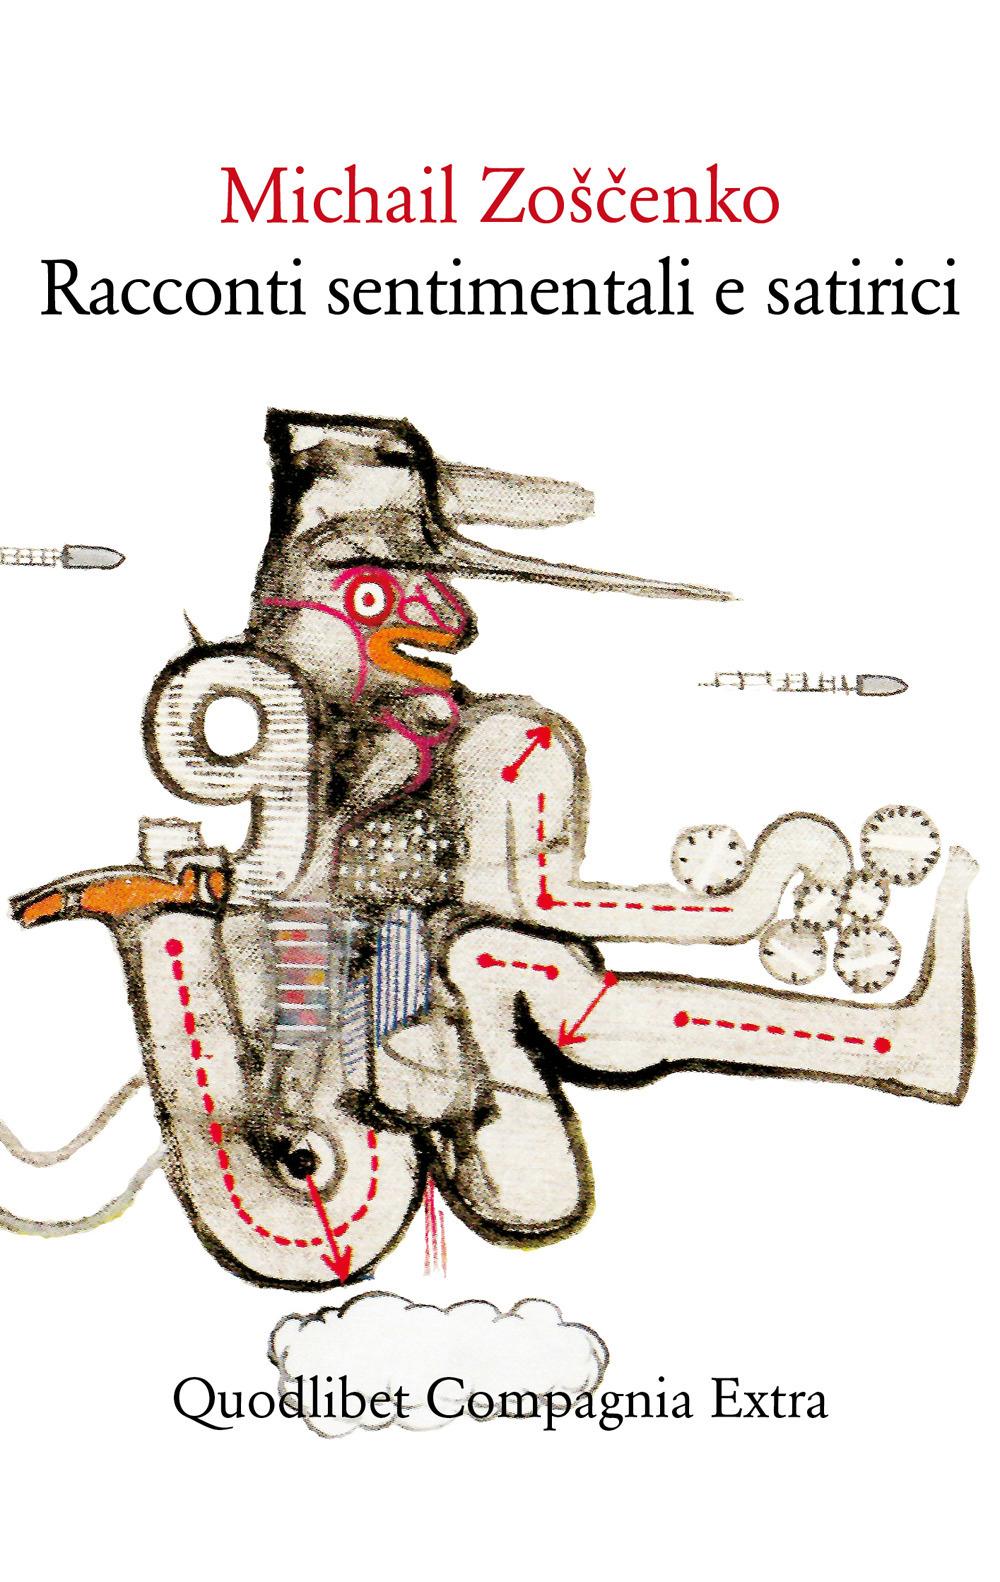 RACCONTI SENTIMENTALI E SATIRICI - Zoscenko Michail - 9788822904775